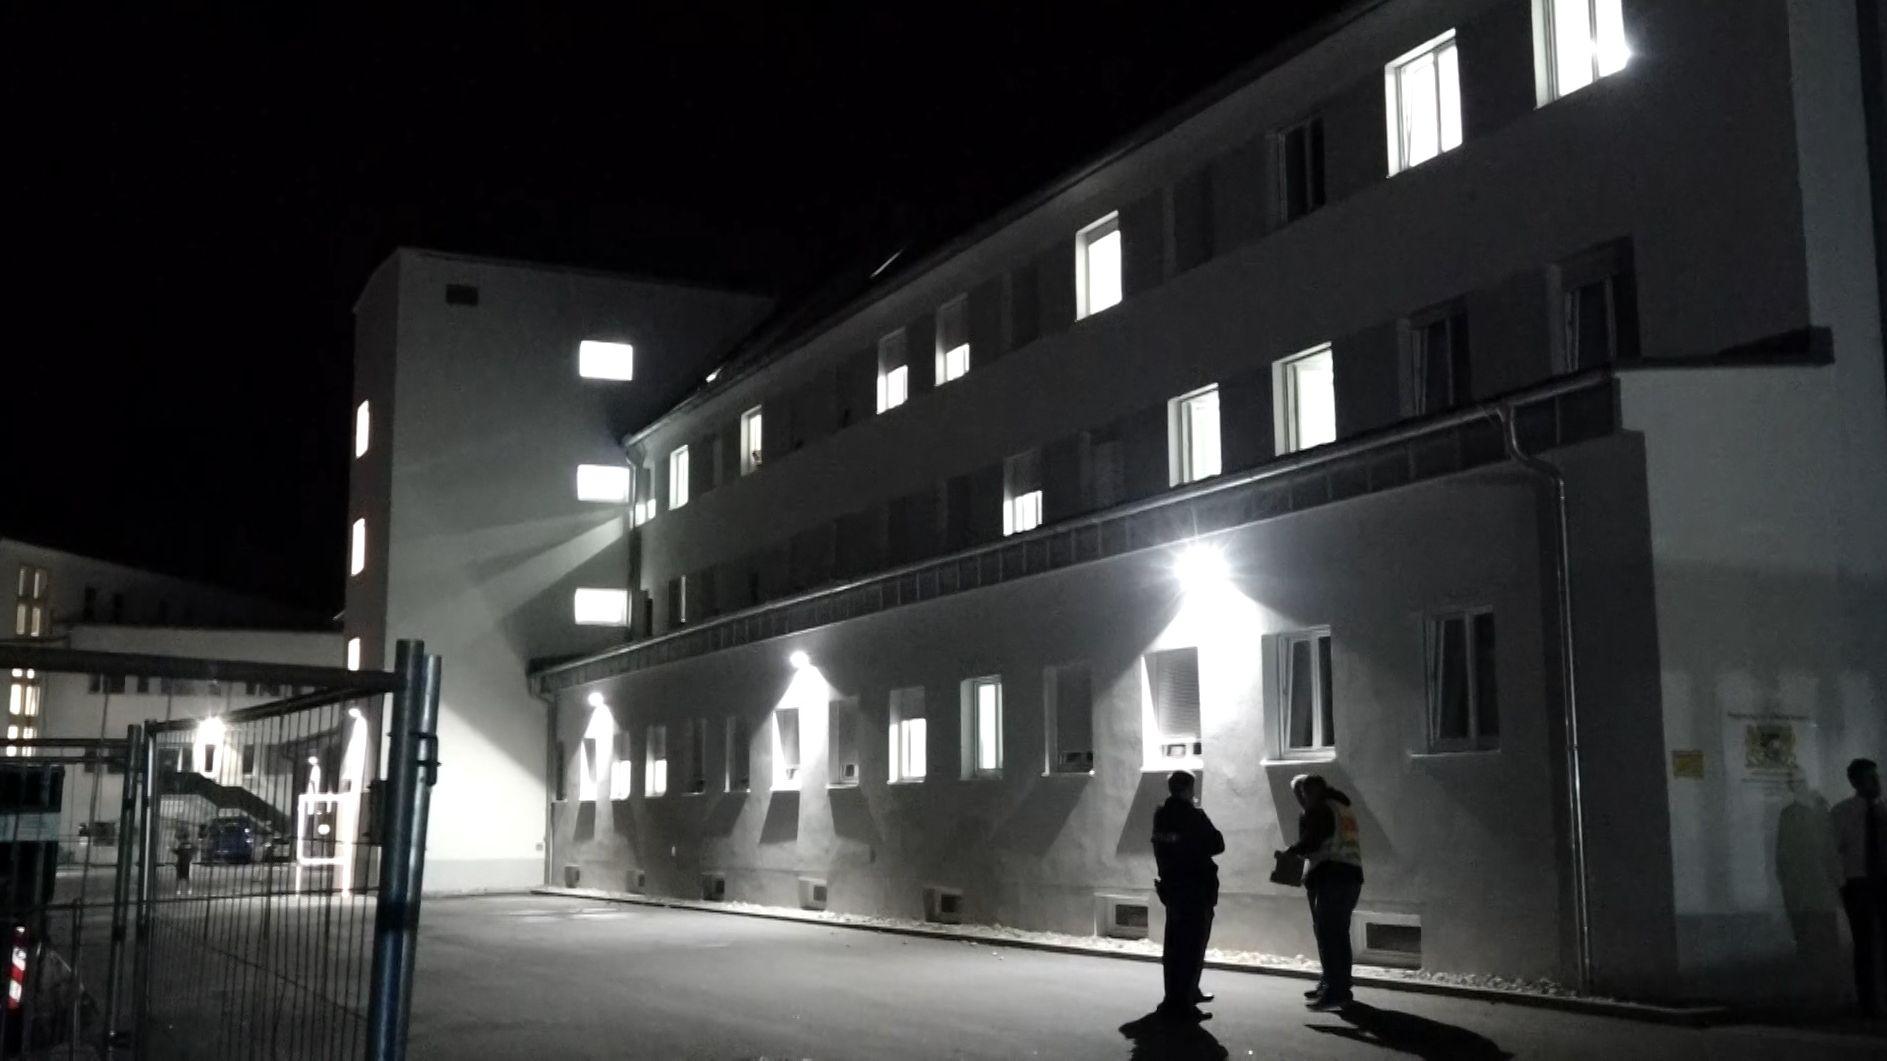 Vor dem Ankerzentrum in Deggendorf kam es zu einer Auseinandersetzung, an der 30 Personen beteiligt waren.